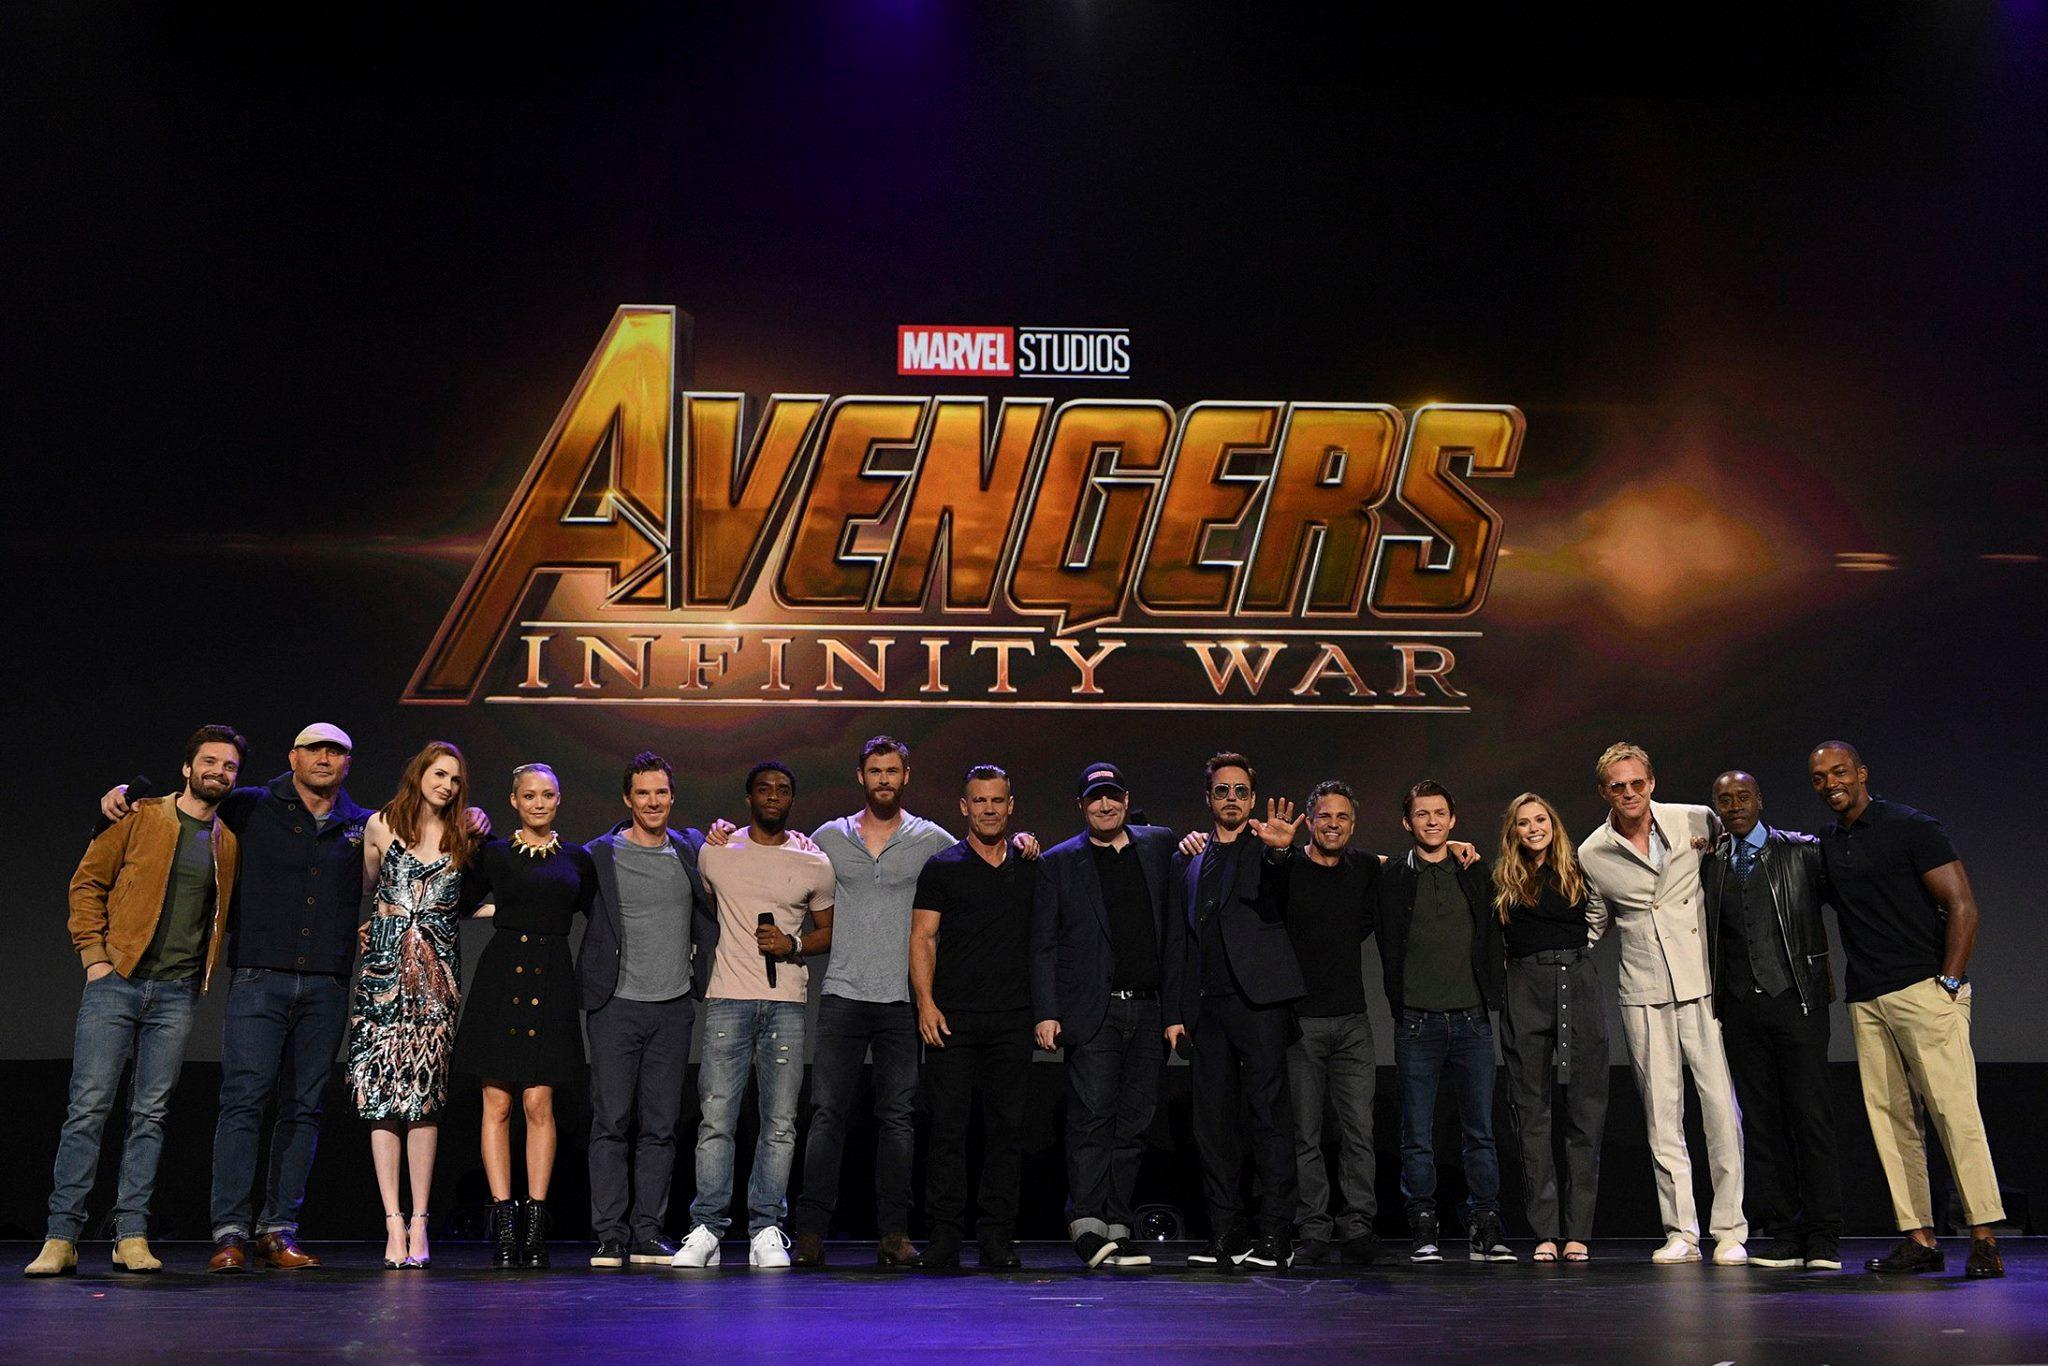 Photo du film Avengers: Infinity War au D23 2017 avec le casting presque au complet